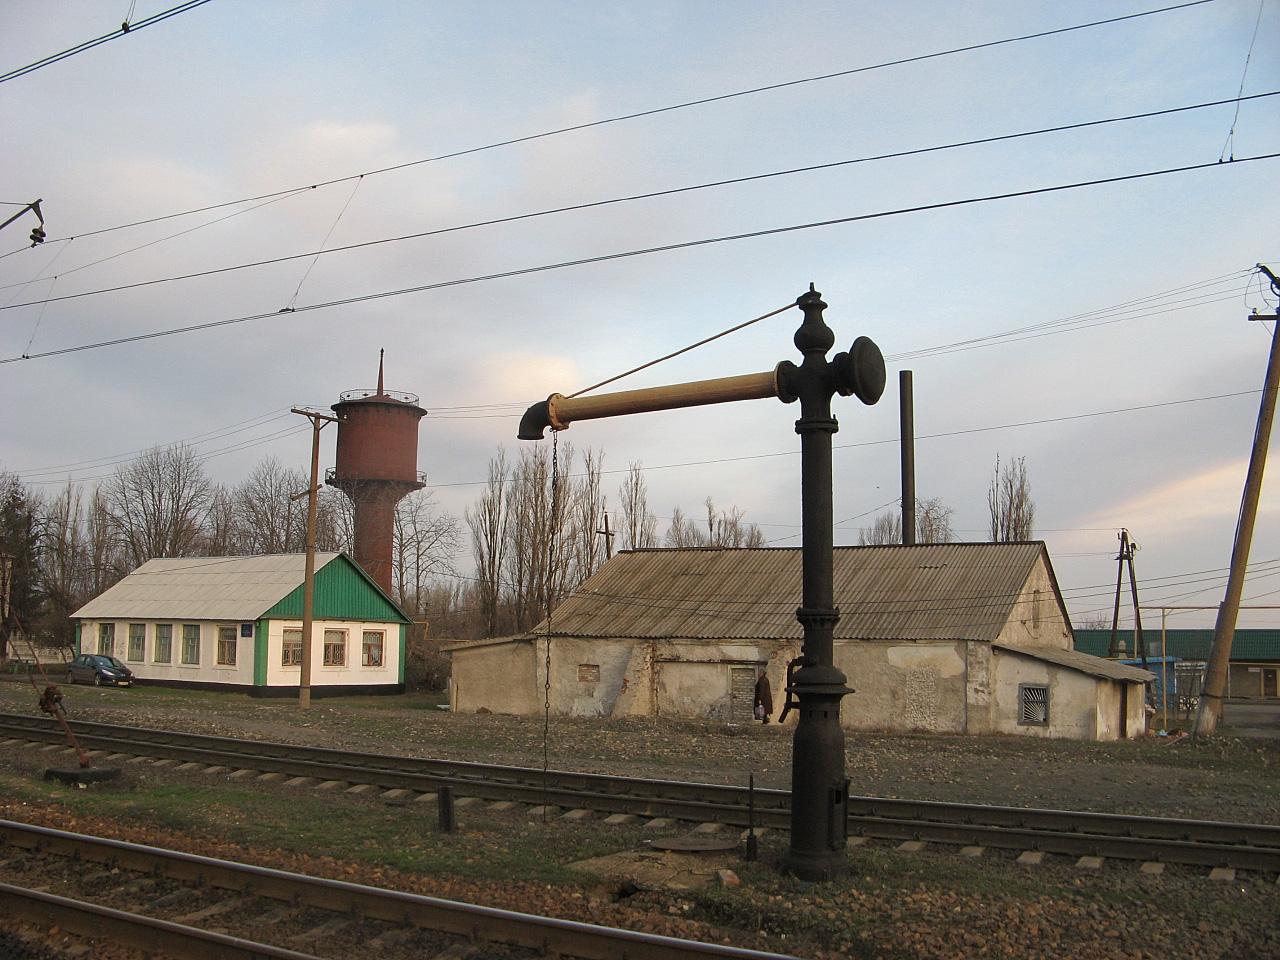 Паровозна колонка на станції Штерівка. Луганська область, Антрацитівський район